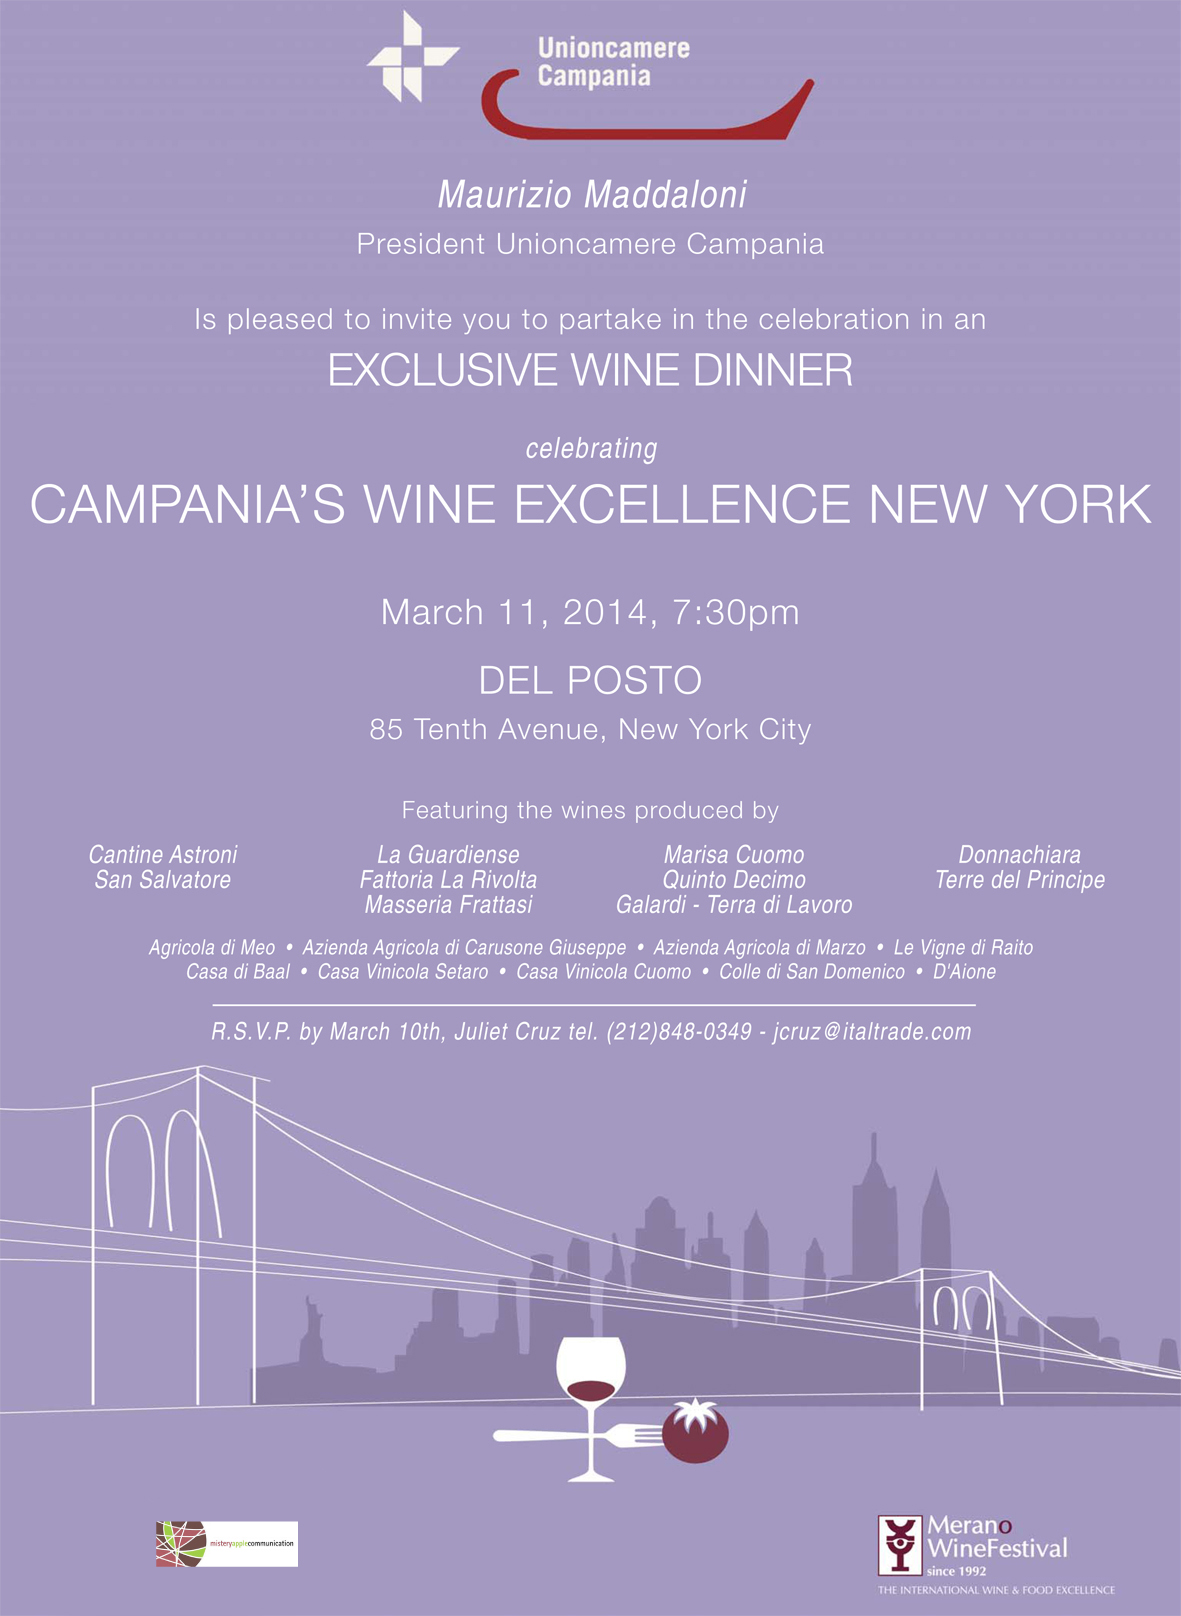 Campania-Invito-11-marzo-DEL-POSTO-FO